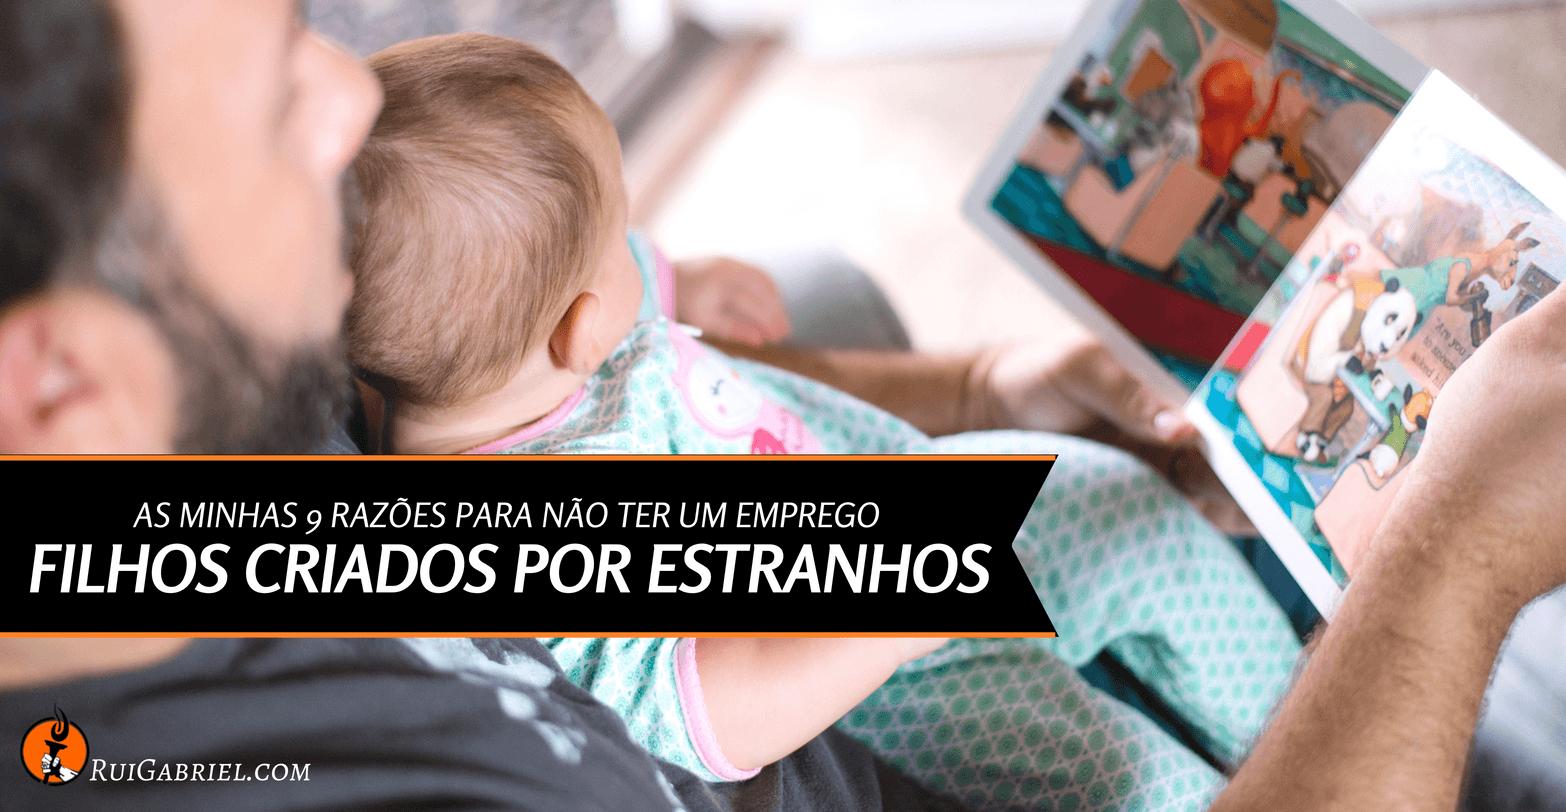 9 razoes para nao ter emprego 8- Filhos Criados Por Estranhos